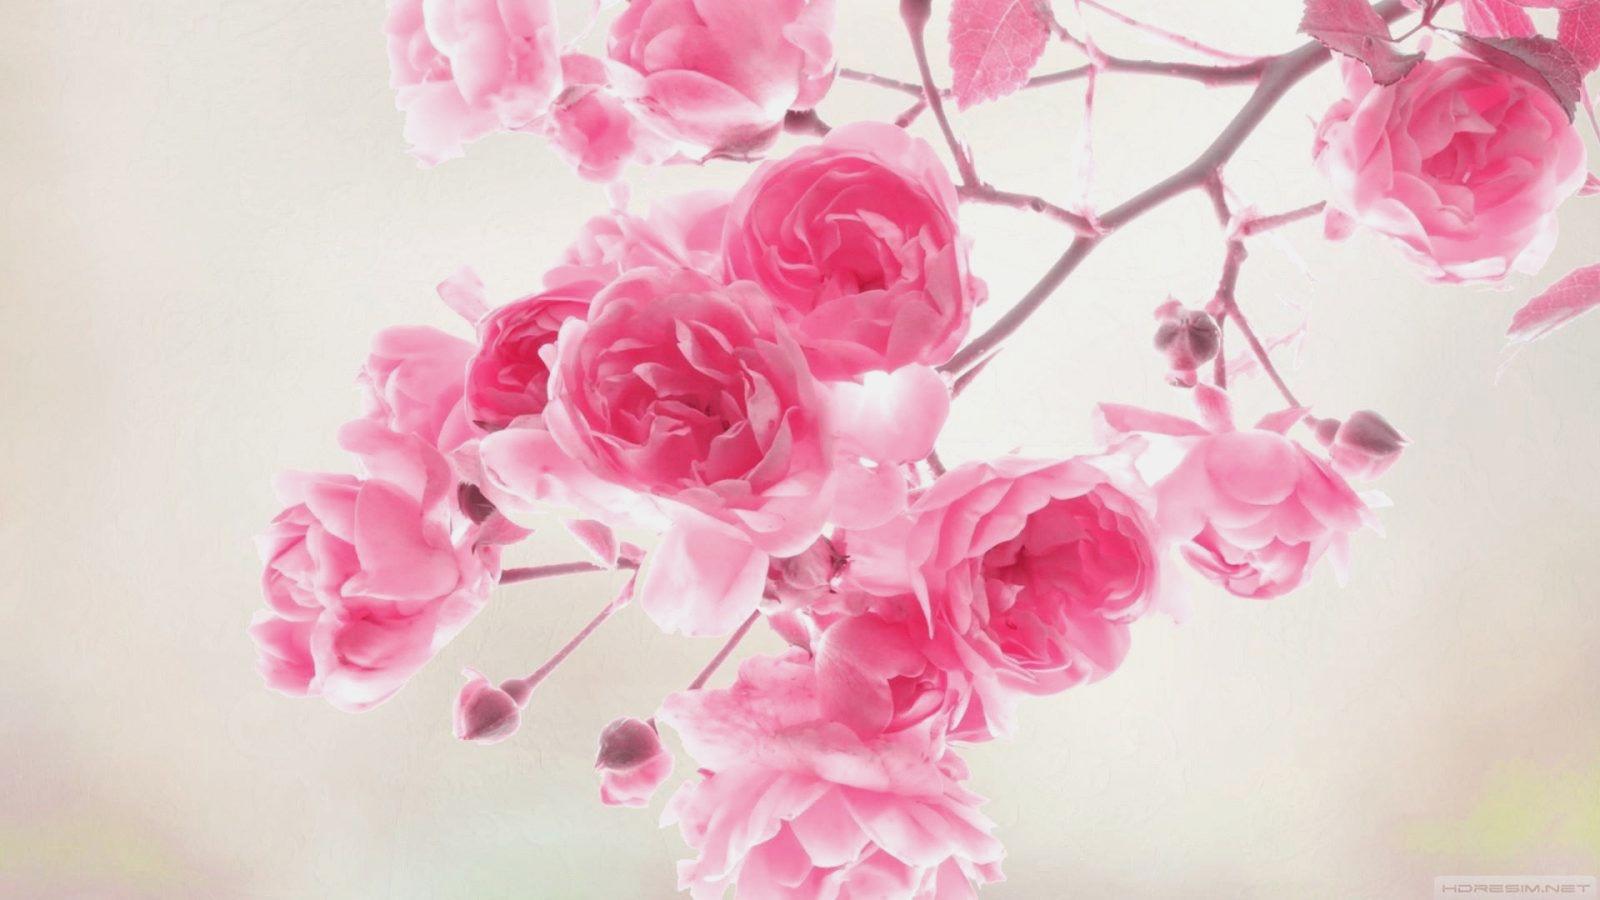 85 Desktop Wallpaper Hd Backgrounds 3d Anime Wallpaper - Asus Wallpaper Flowers , HD Wallpaper & Backgrounds